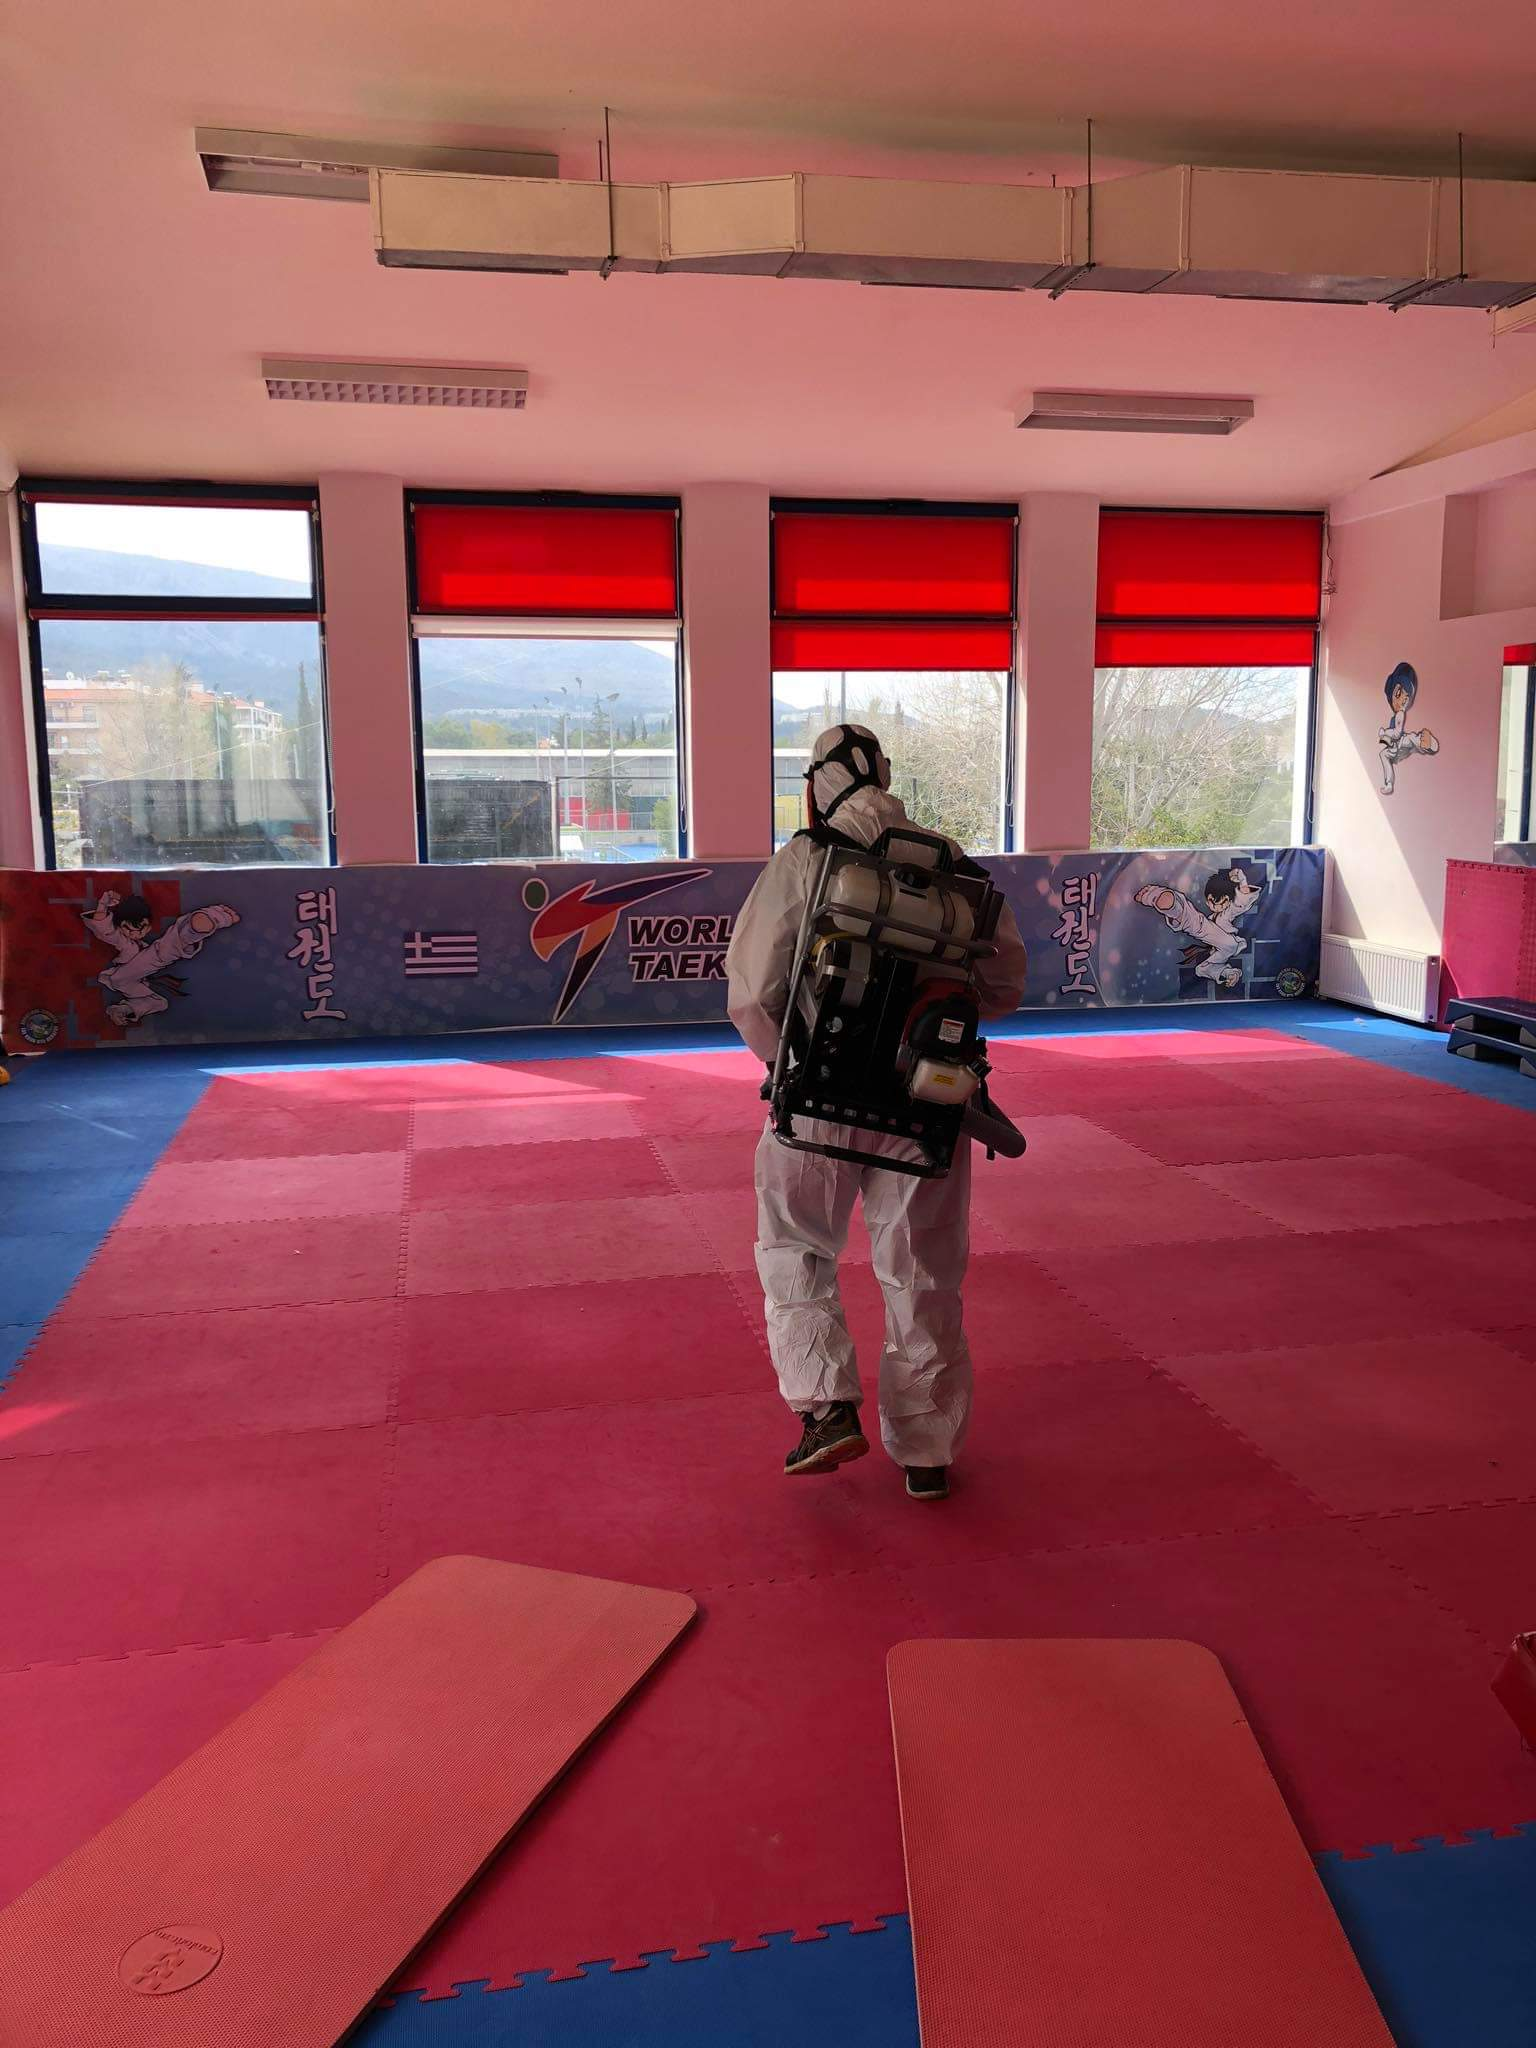 ΔΟΠΑΠ: Απολύμανση στο Γυμναστήριο του δήμου Παπάγου - Χολαργού